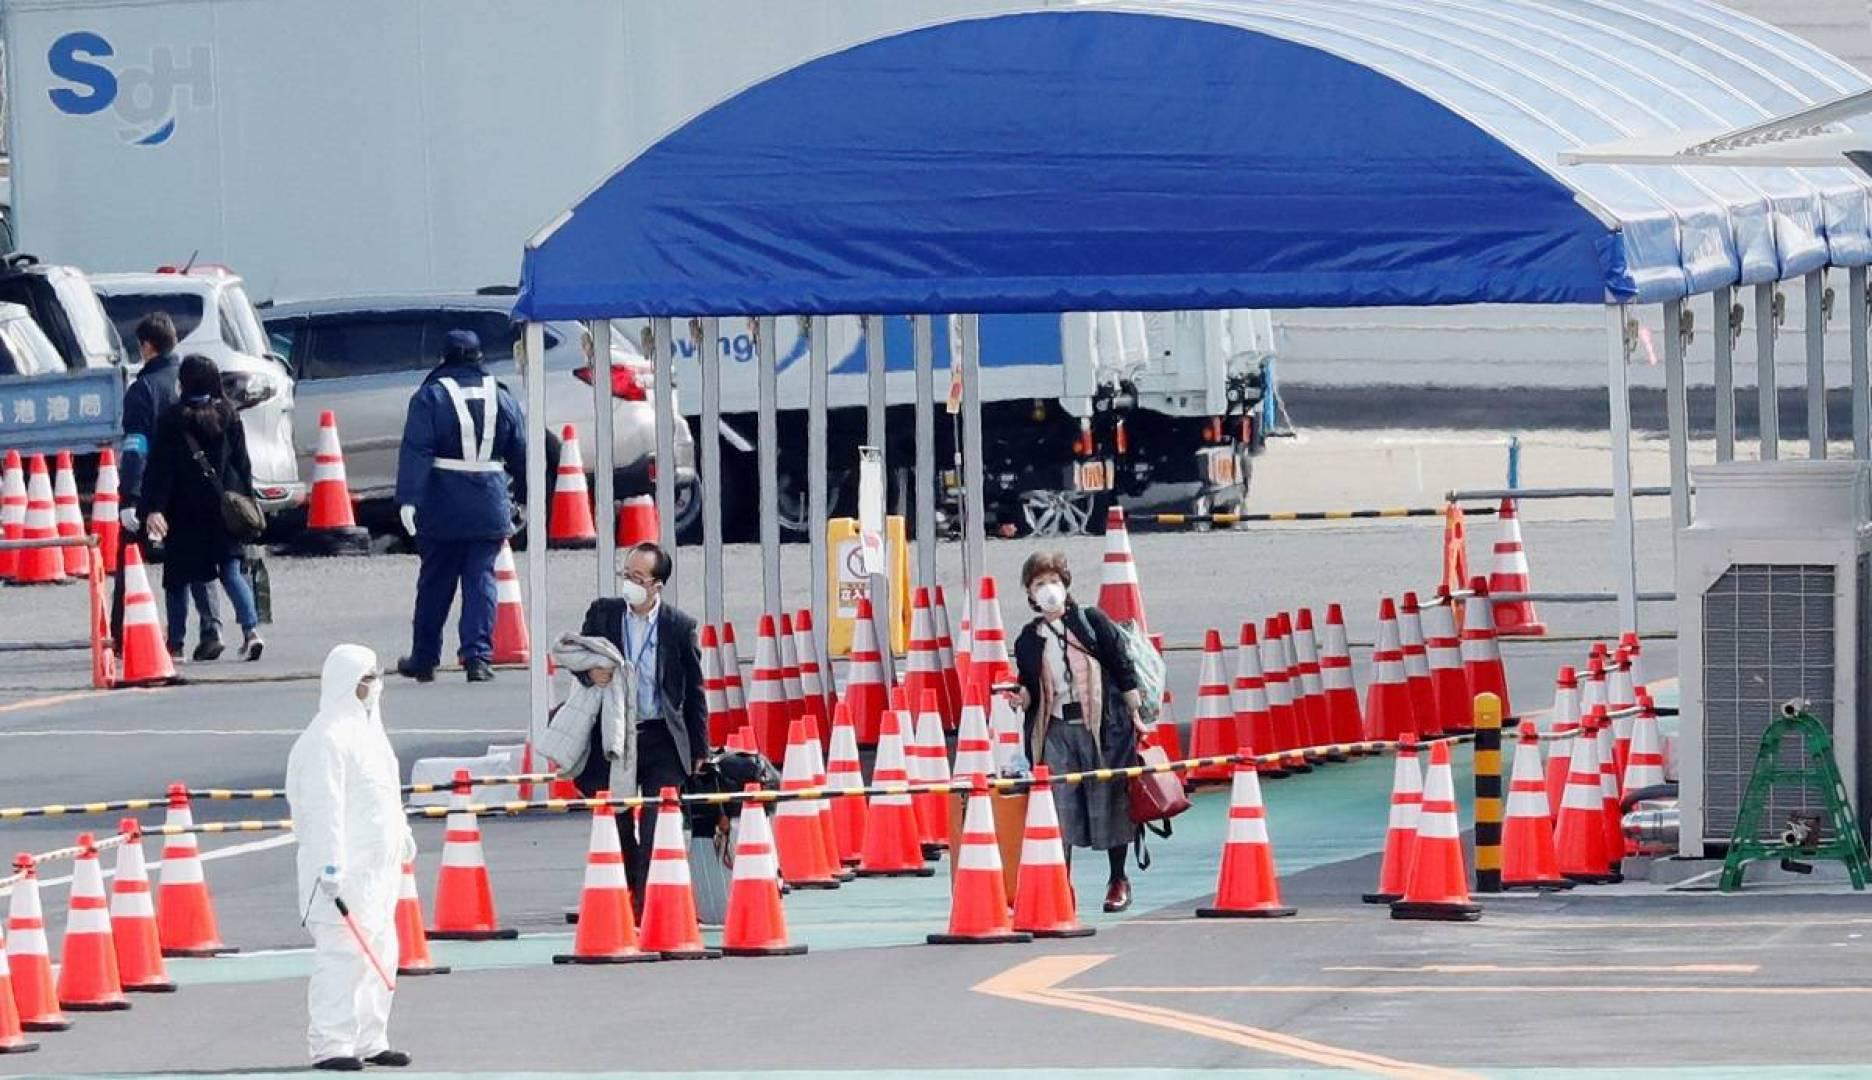 اليابان: ركاب السفينة السياحية «دايموند برينسيس» يبدأون في مغادرتها